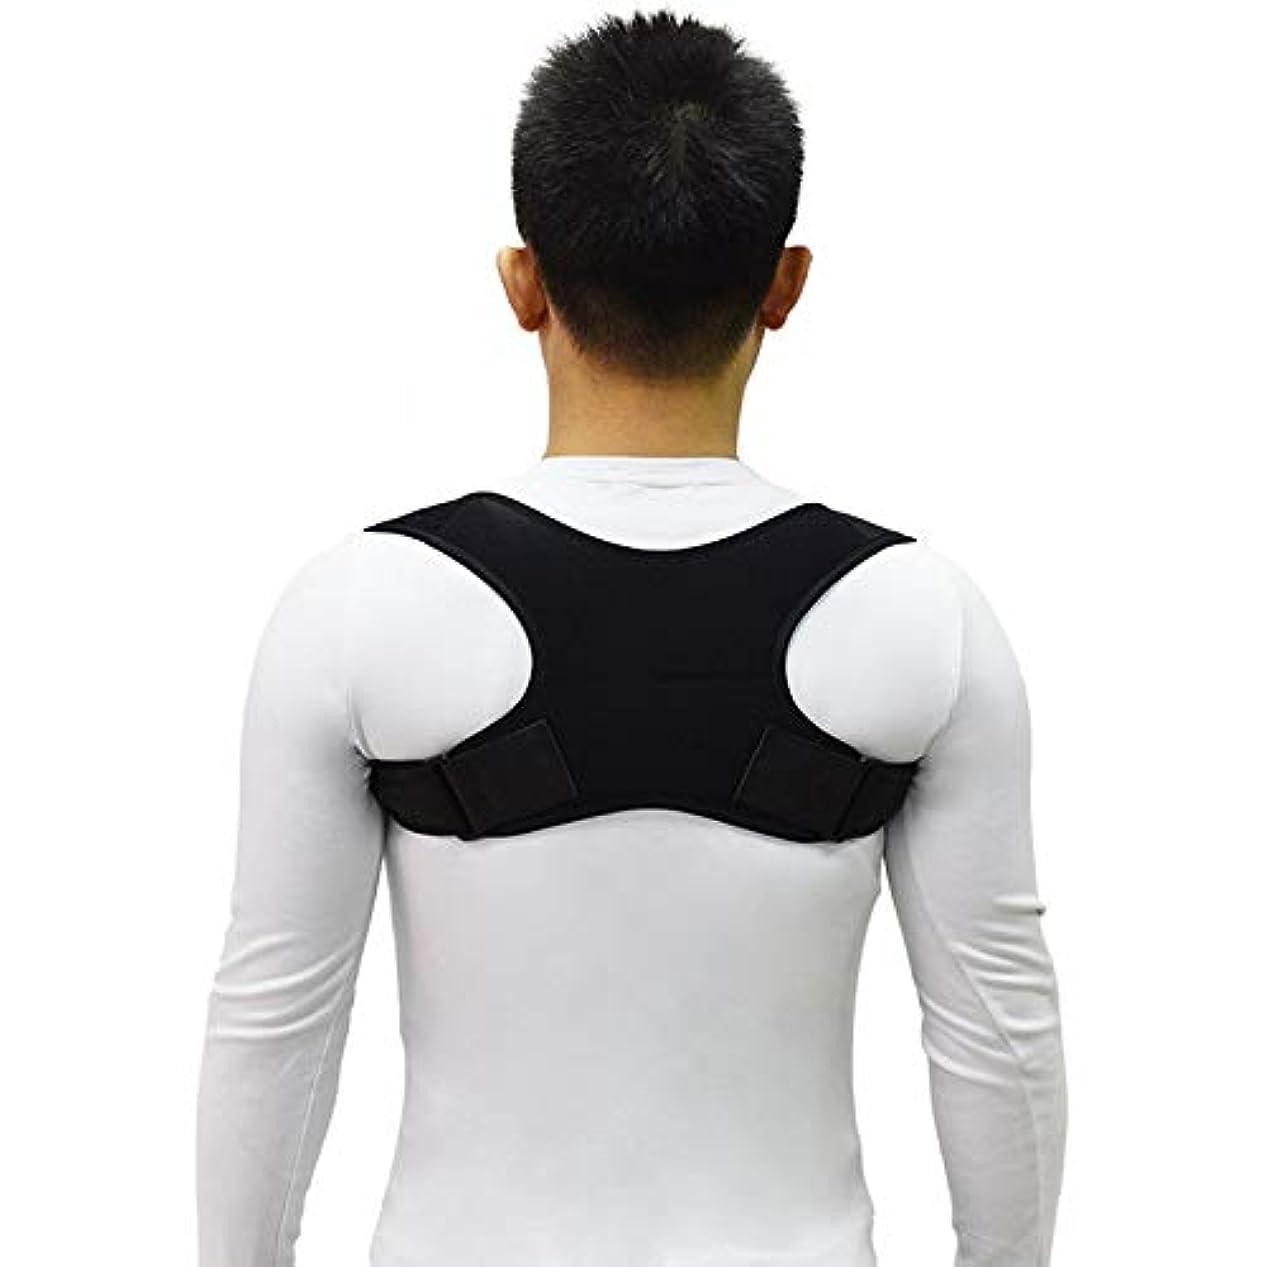 サラミクレーン繊維新しいアッパーバックポスチャーコレクター姿勢鎖骨サポートコレクターバックストレートショルダーブレースストラップコレクター - ブラック